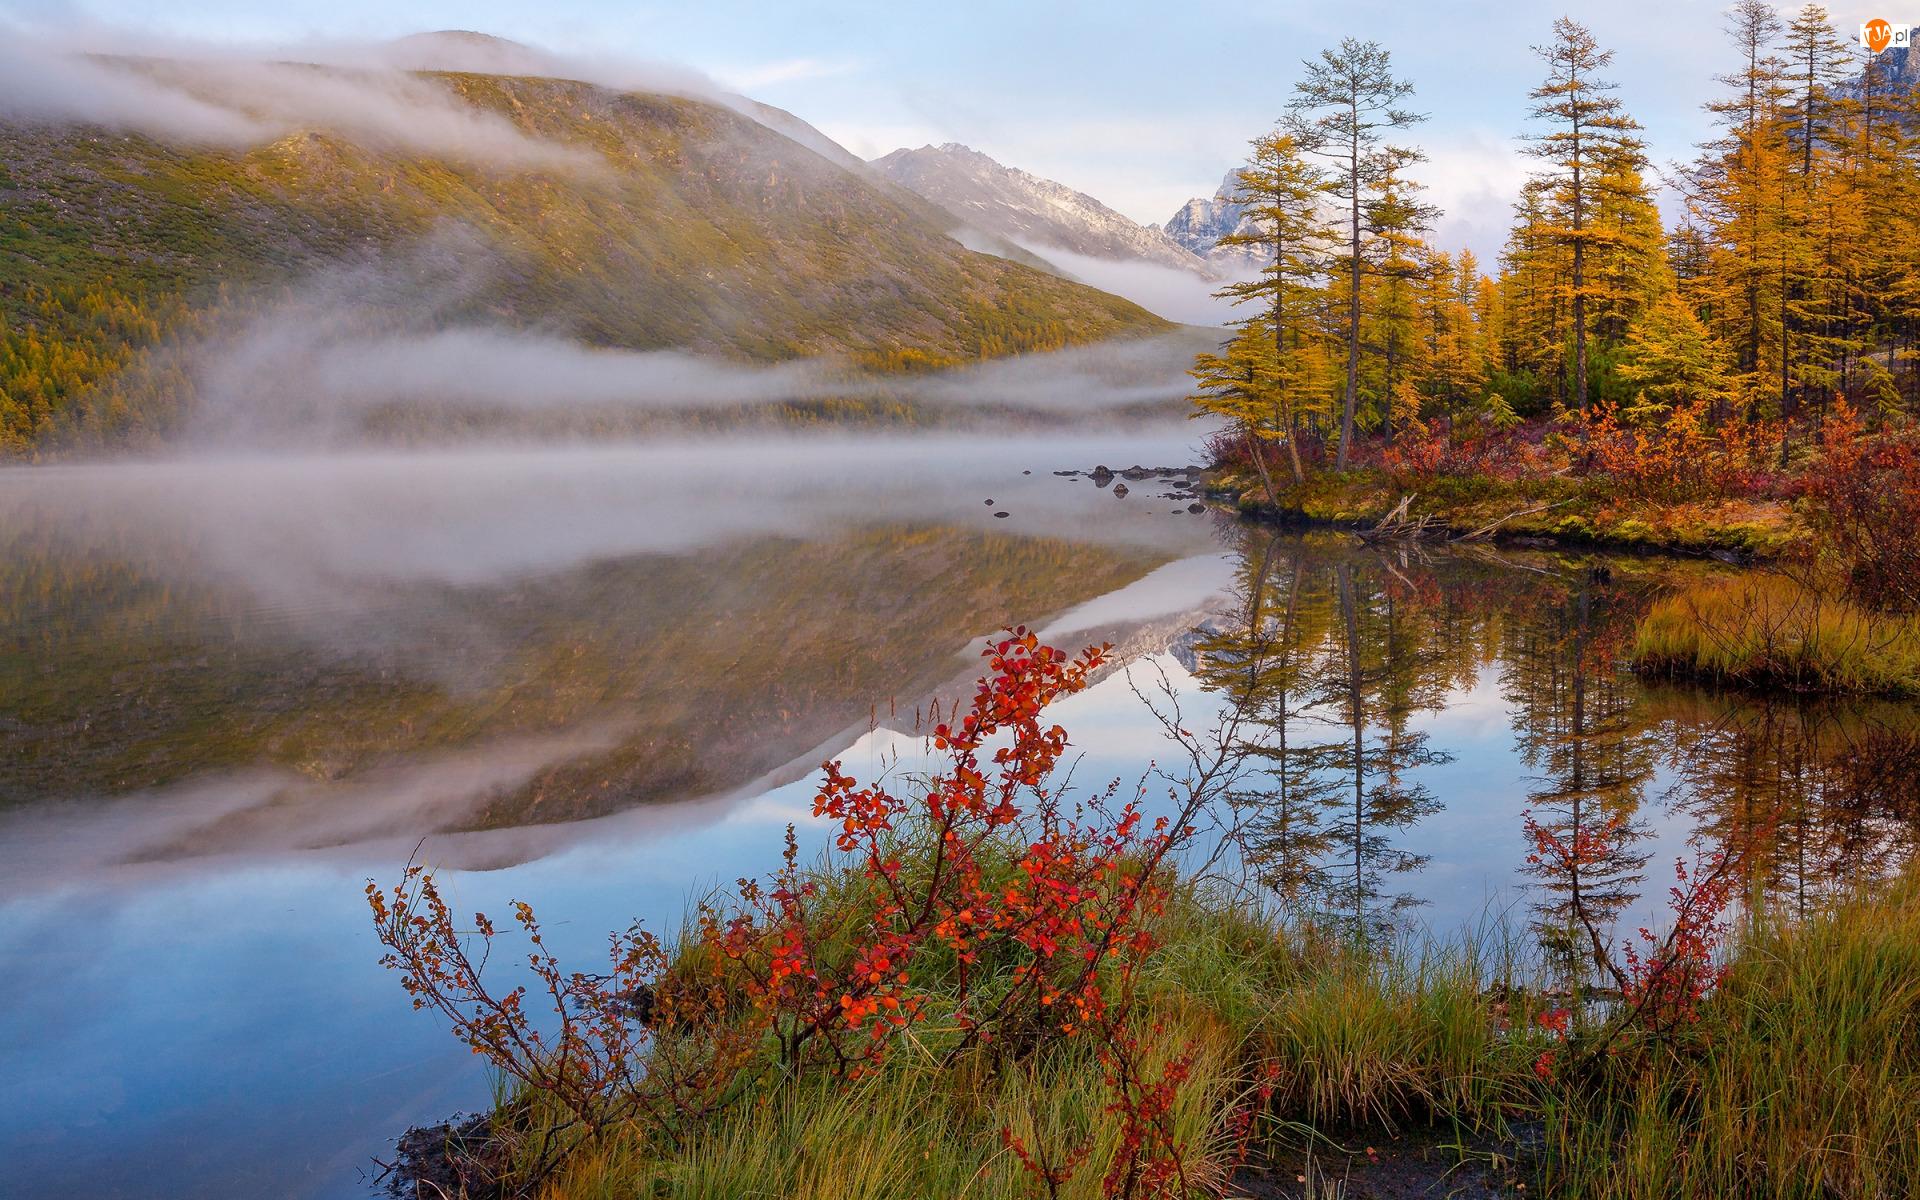 Mgła, Krzewy, Trawa, Liście, Jesień, Góry, Drzewa, Lasy, Kolorowe, Jezioro